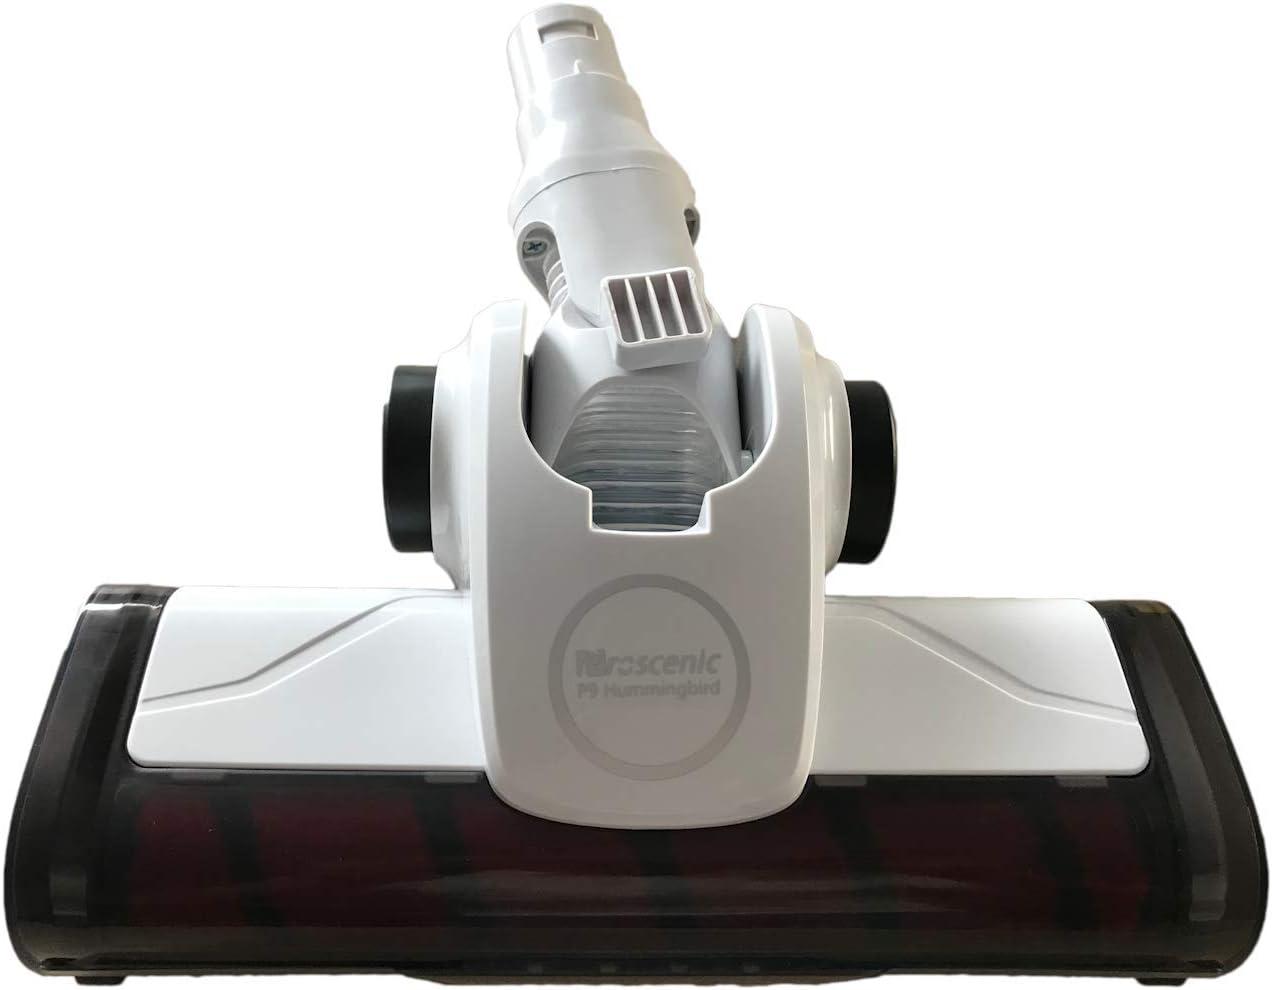 LongRong - Cabezal de cepillo eléctrico para aspiradoras Proscenic P8, P9, P9 GTS/I9 (incluye cepillo principal)